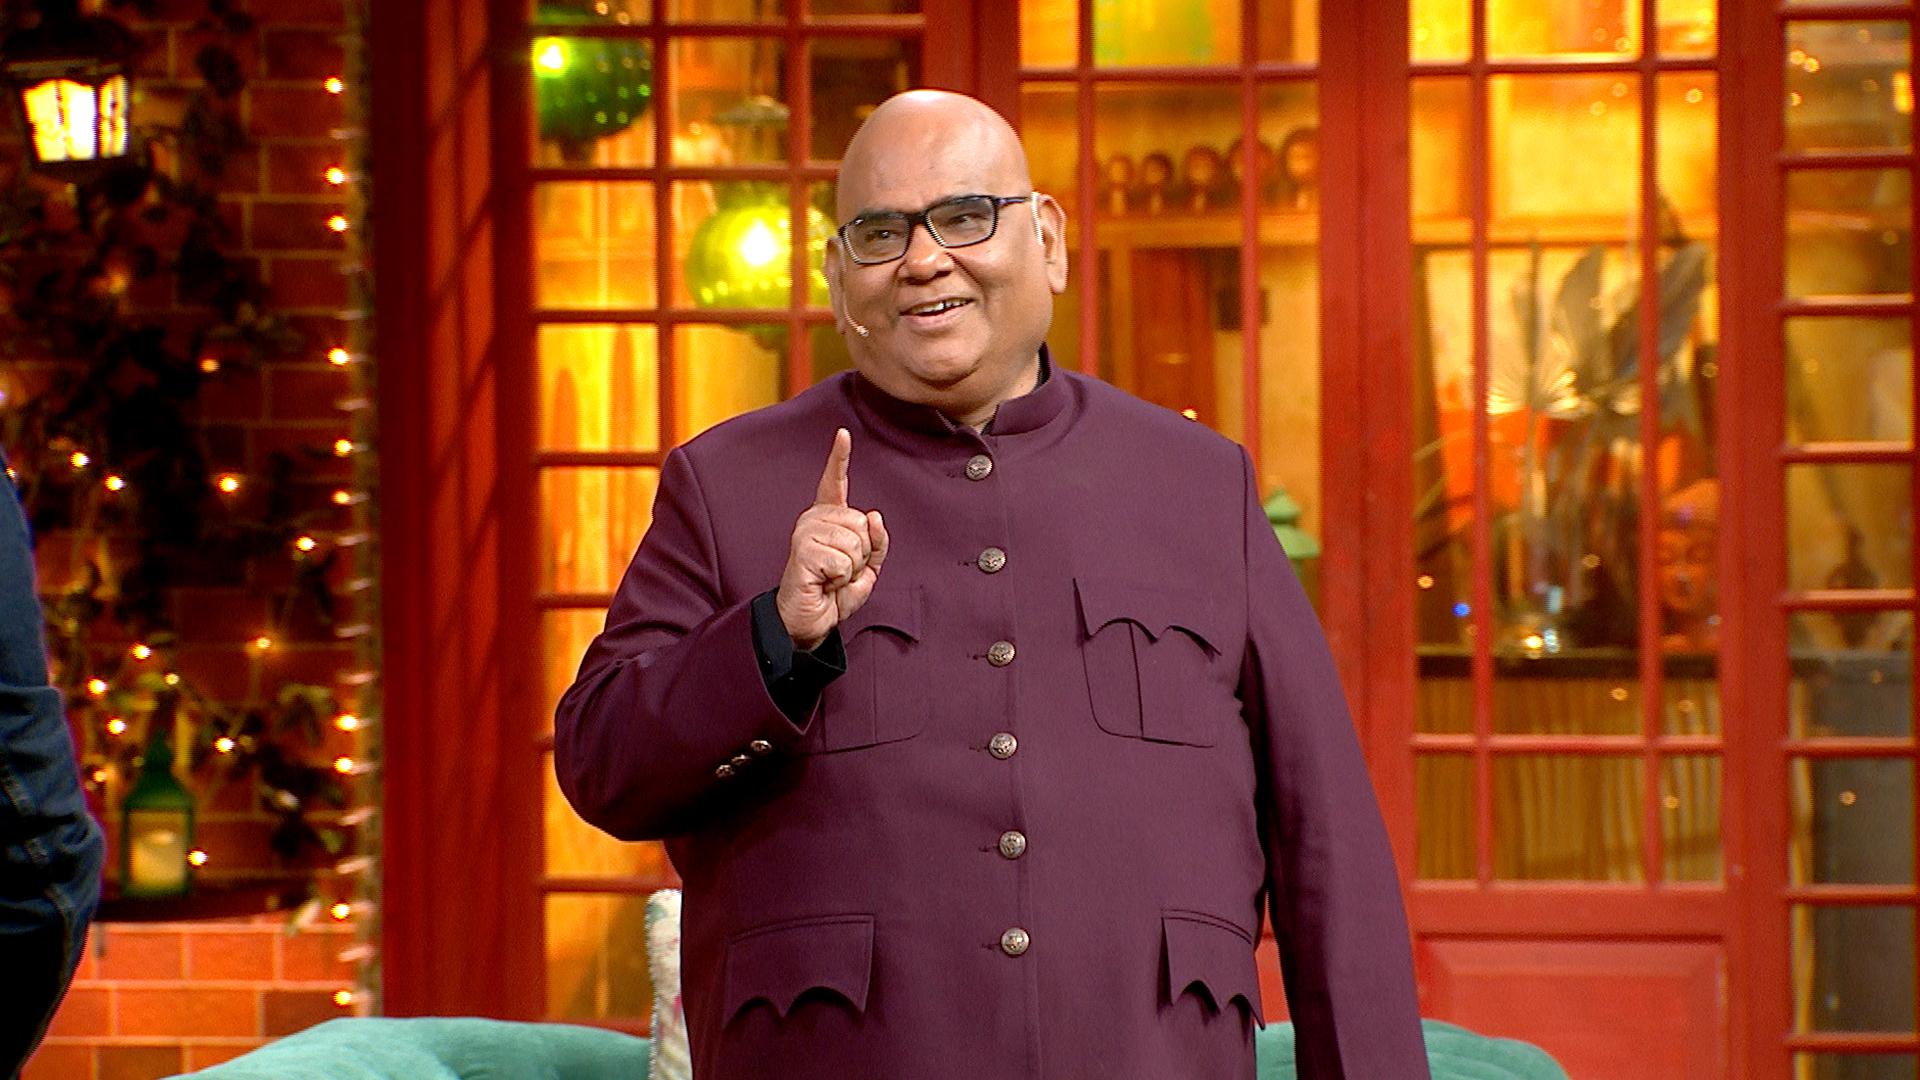 The Kapil Sharma Show Season 2 - Watch All Latest Episodes Online - SonyLIV